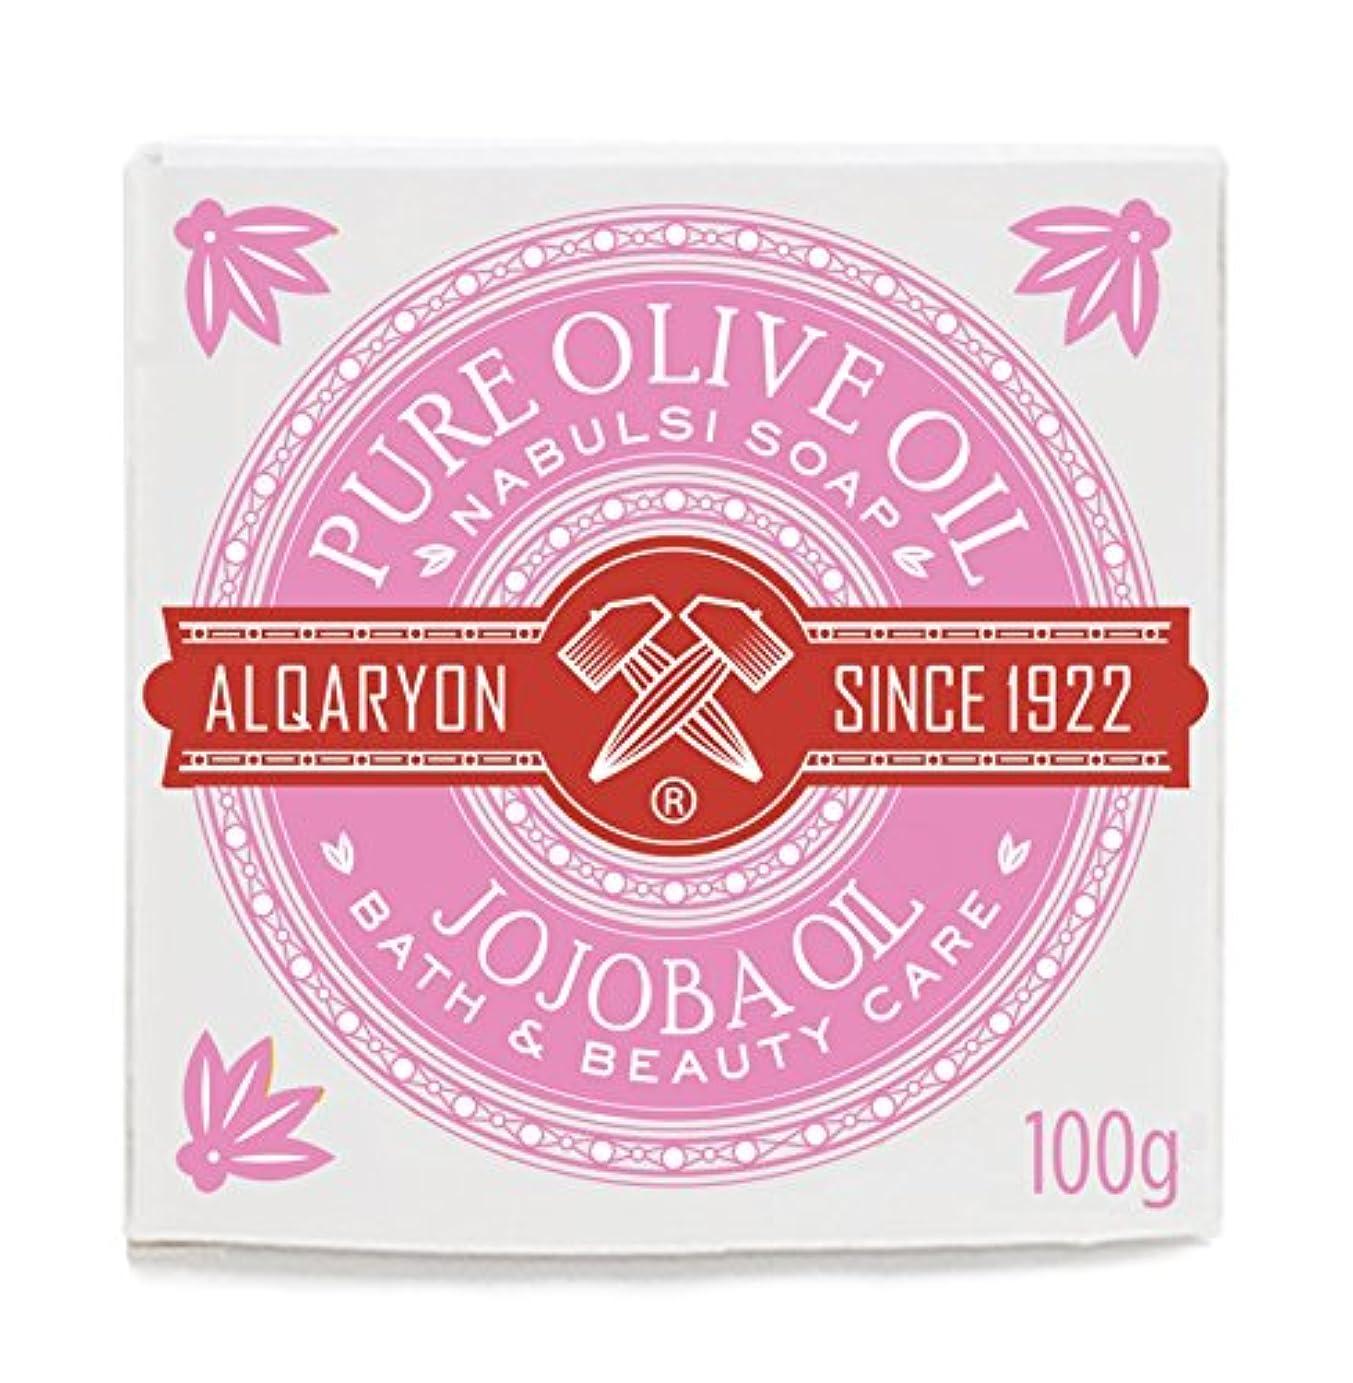 確かめる想像力刺繍Alqaryon Jojoba Oil & Olive Oil Bar Soaps, Pack of 4 Bars 100g - Alqaryonのホホバ オイルとオリーブオイル ソープ、バス & ビューティー ケア、100g...